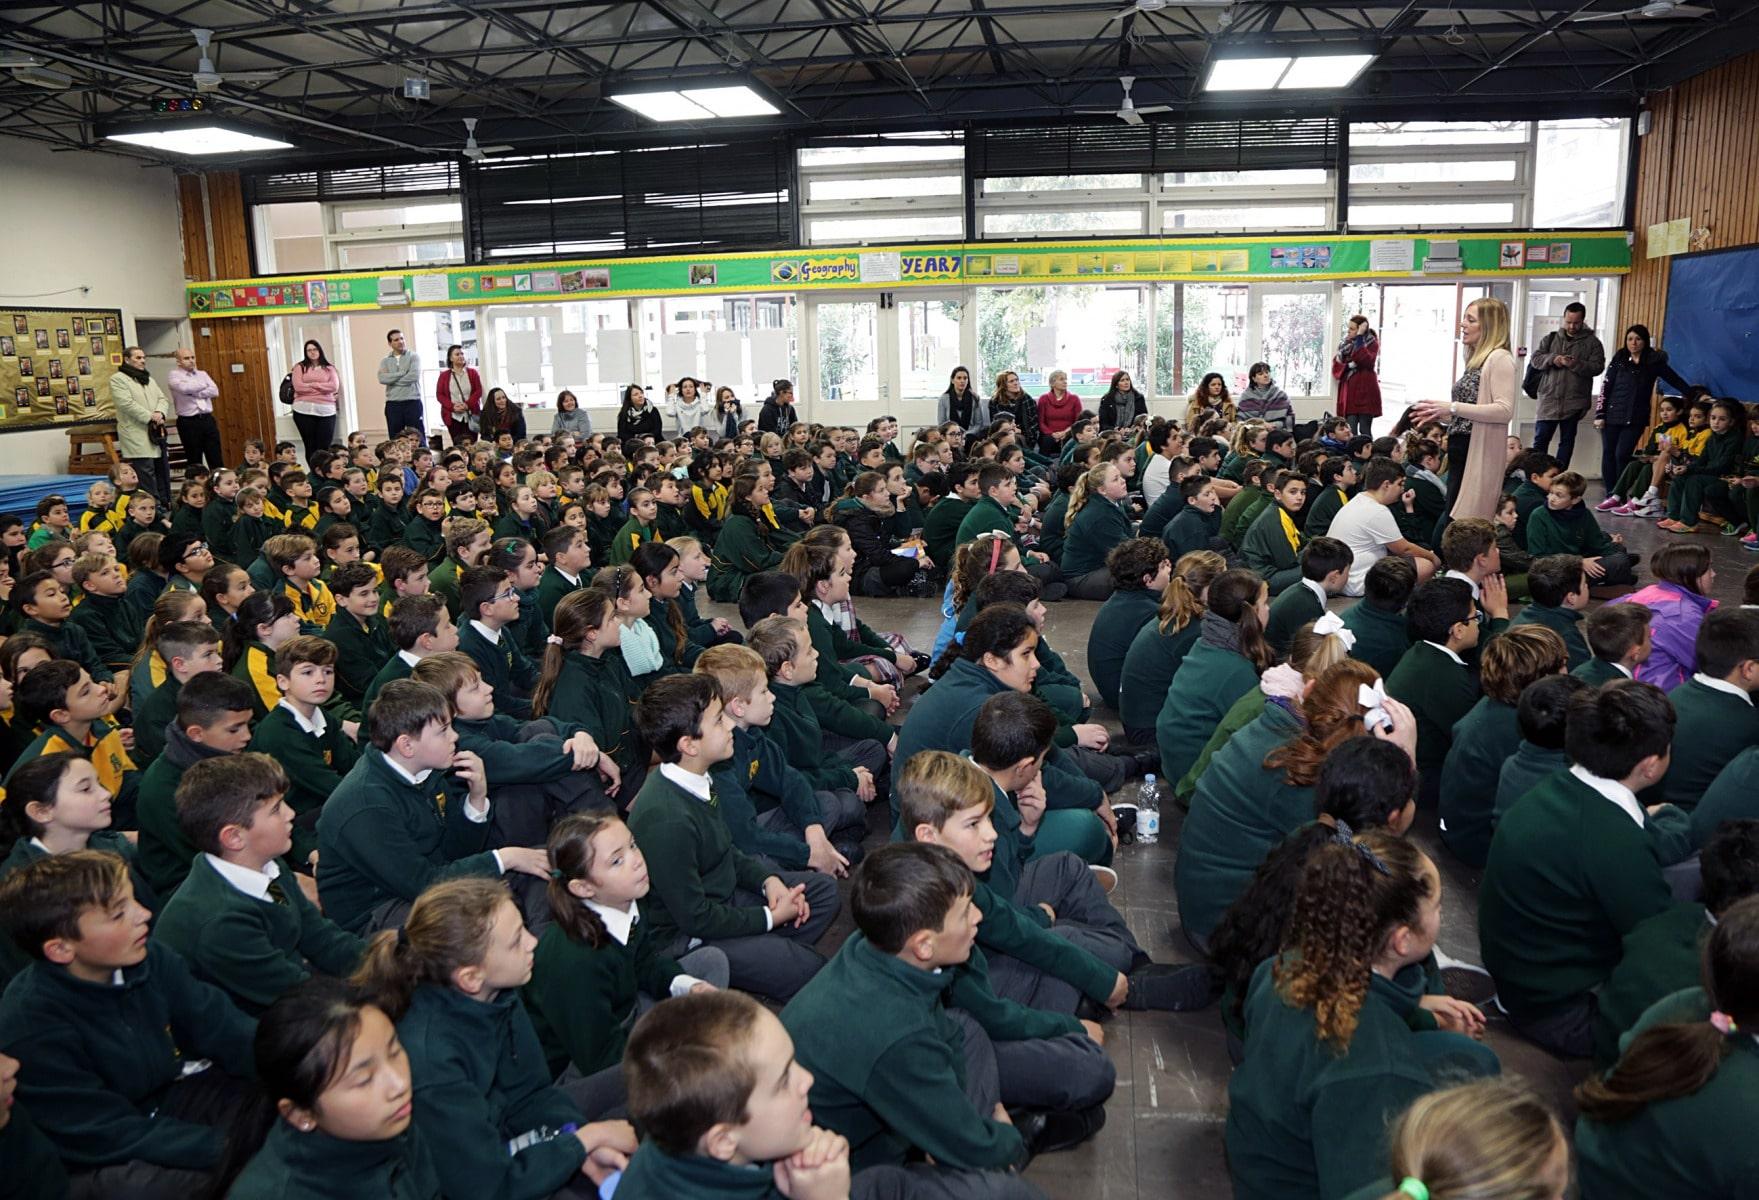 27-ene-17-alumnos-de-la-escuela-obispo-fitzgerald-de-gibraltar-conmemoran-el-holocausto_31742374533_o